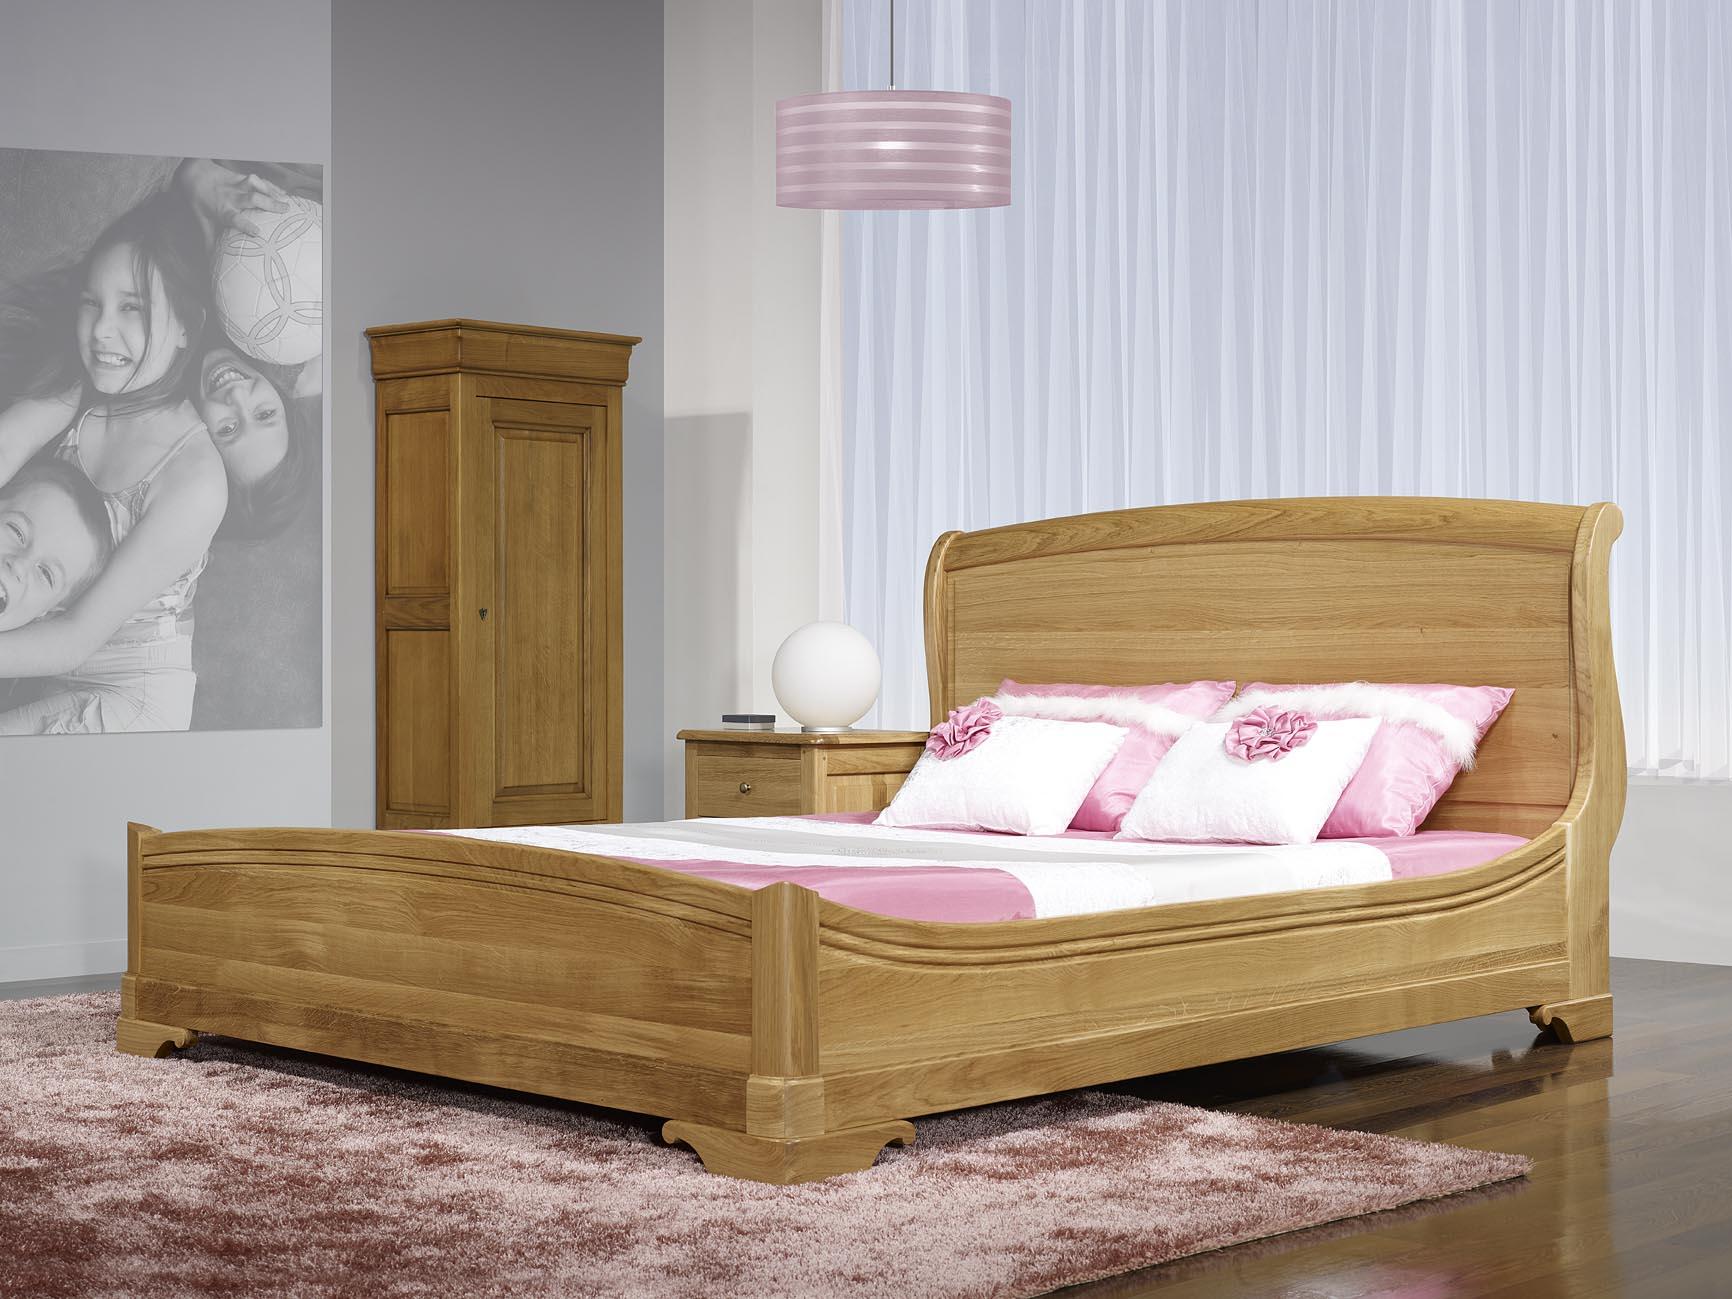 Lit jean baptiste 140x190 en ch ne massif de style louis philippe meuble en - Tete de lit en chene massif ...